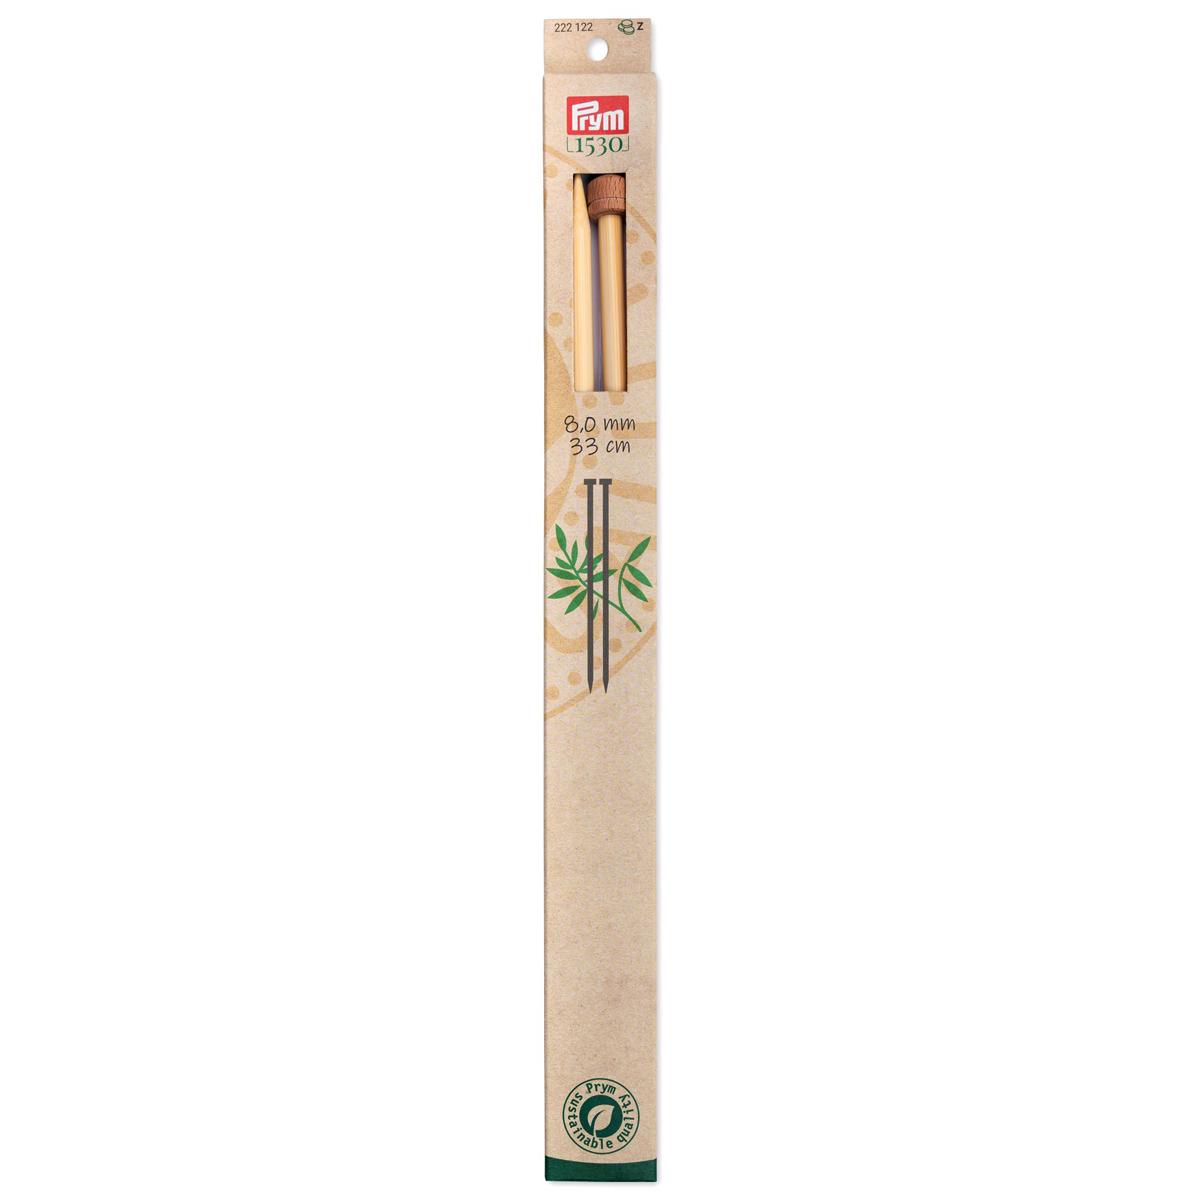 222122 Спицы прямые, бамбук 8,0мм/33см, 2шт, Prym